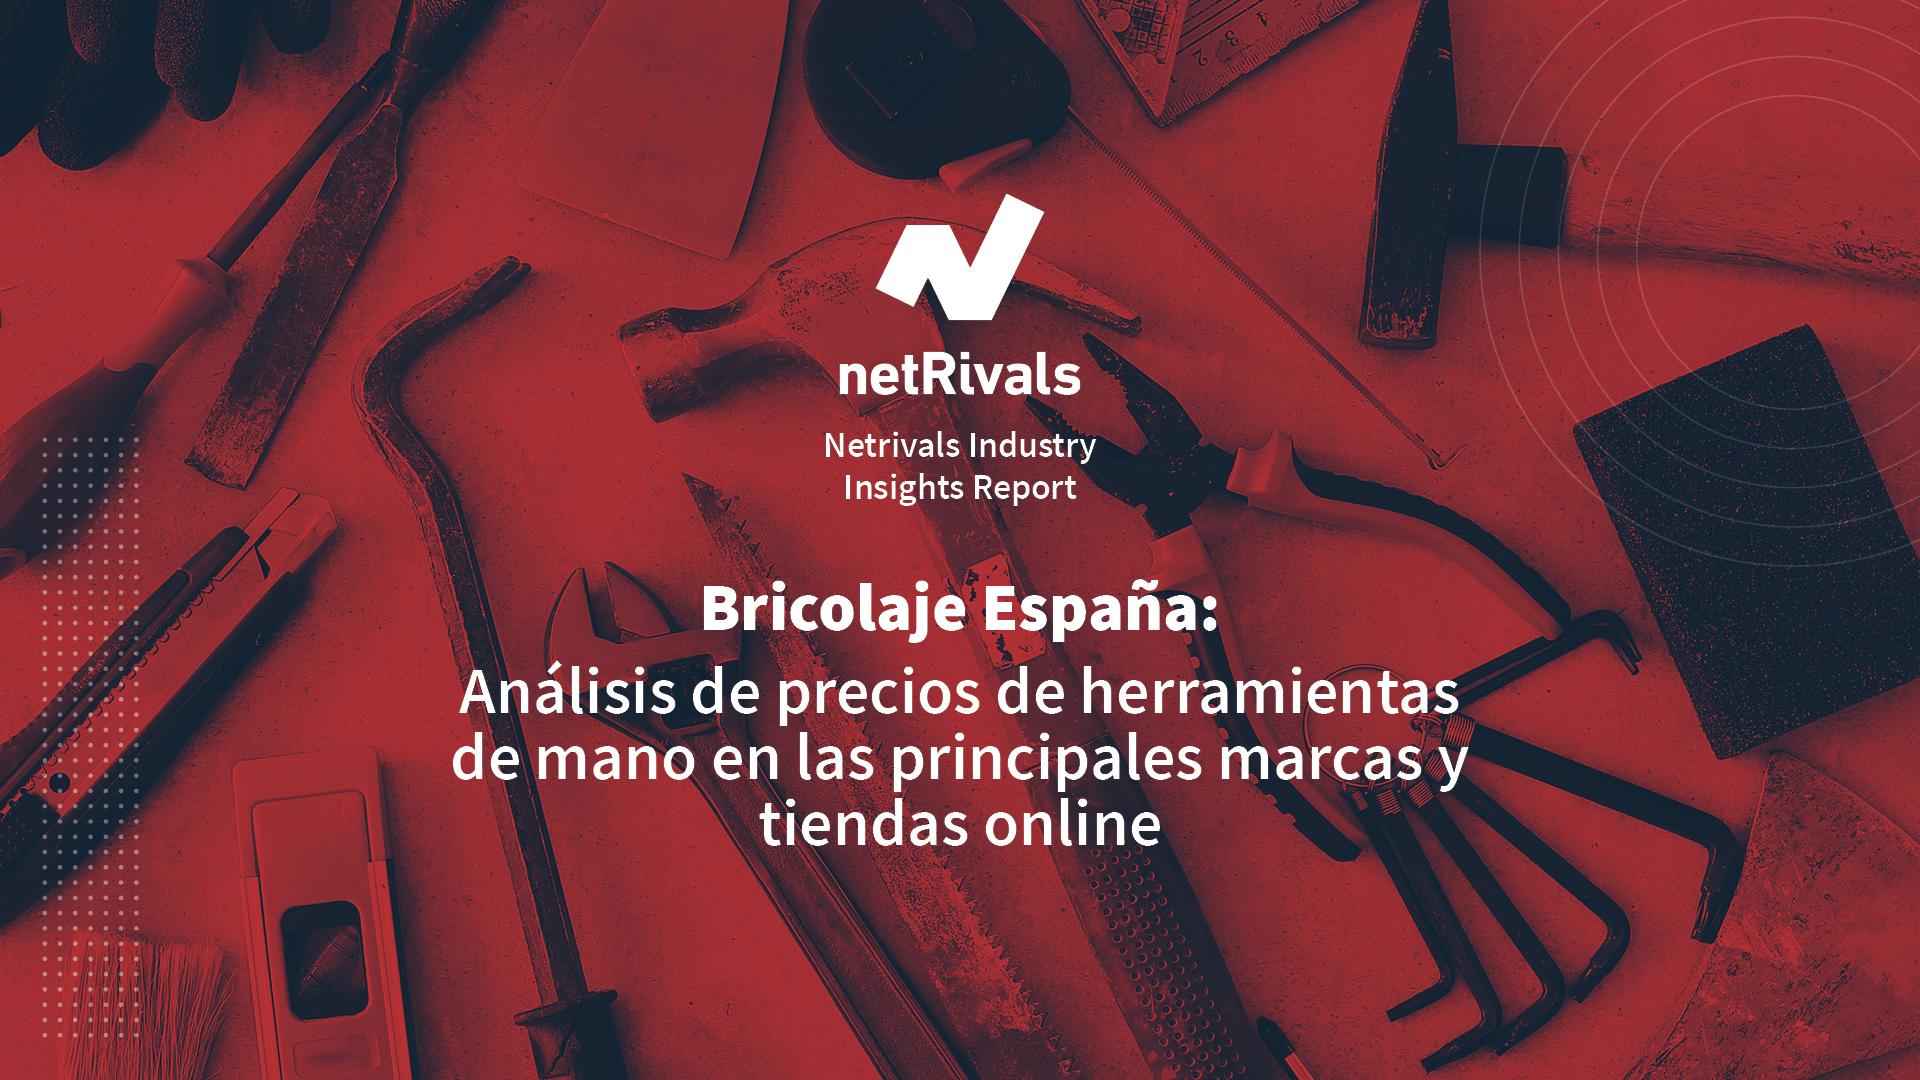 01_netRivals_DIY_ES_ES